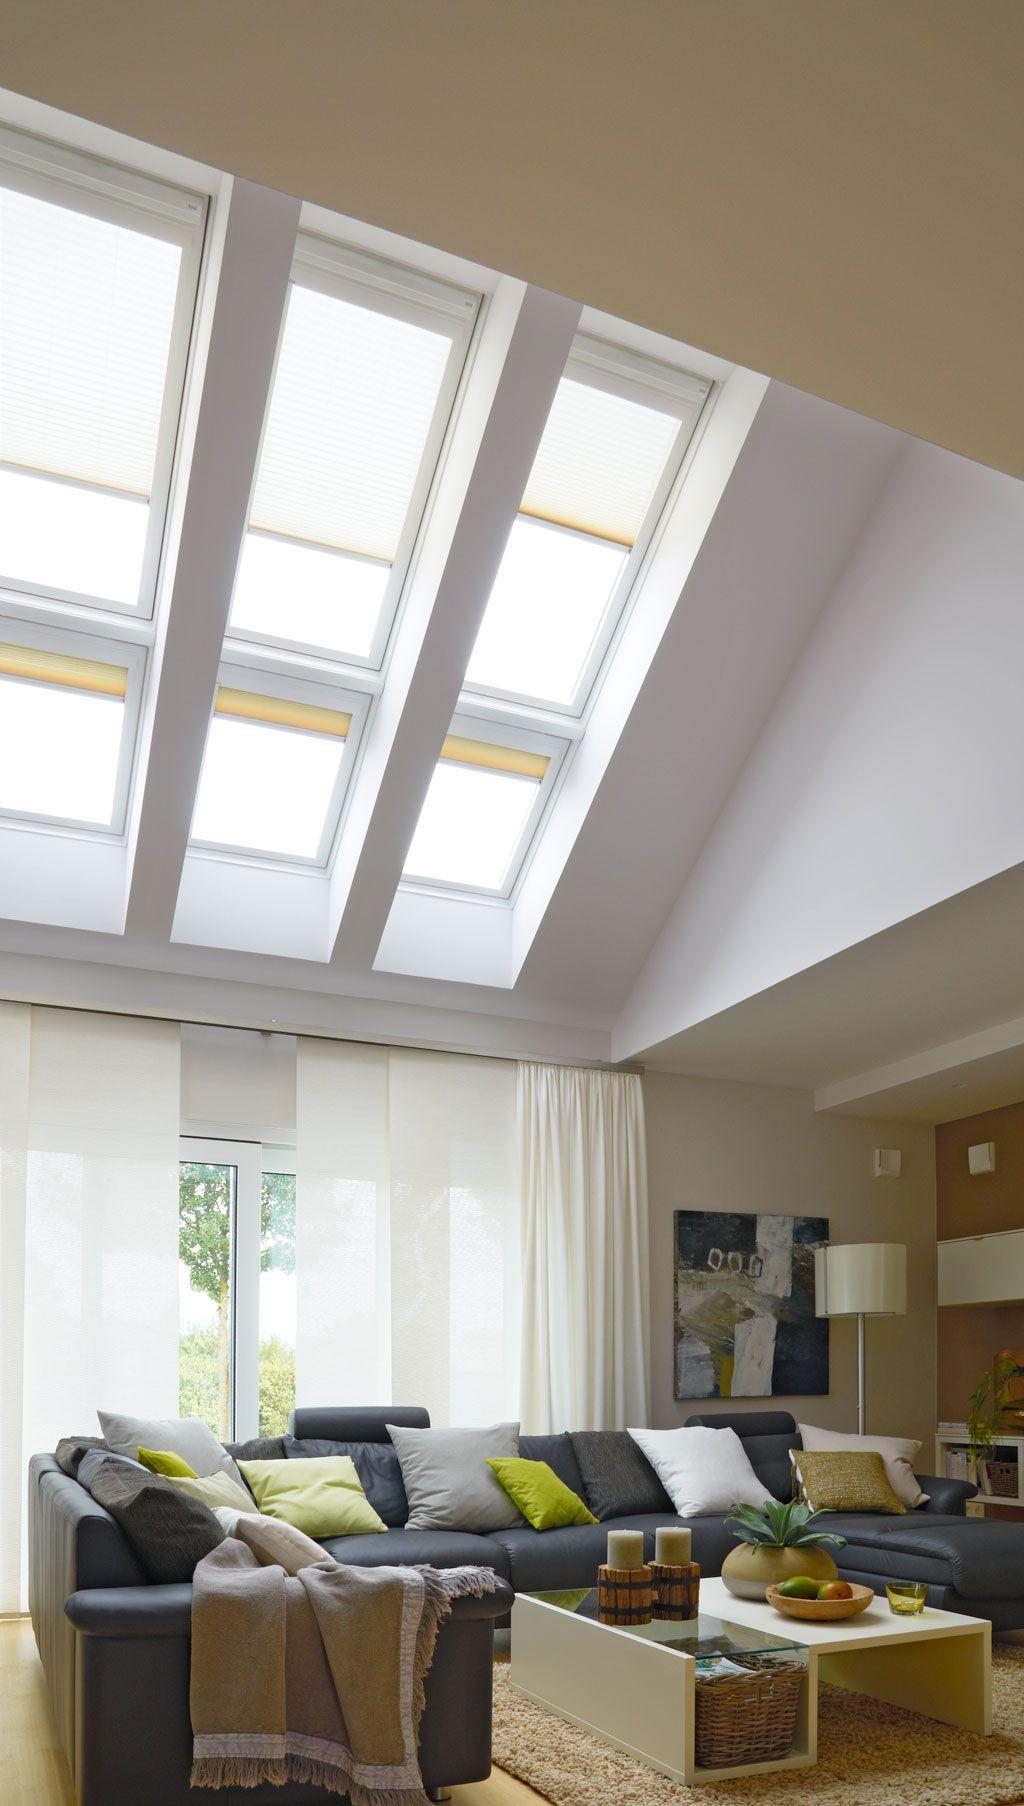 viebrockhaus edition 500 b wohnidee haus ein bungalow mit frischen wohnideen dachfenster. Black Bedroom Furniture Sets. Home Design Ideas